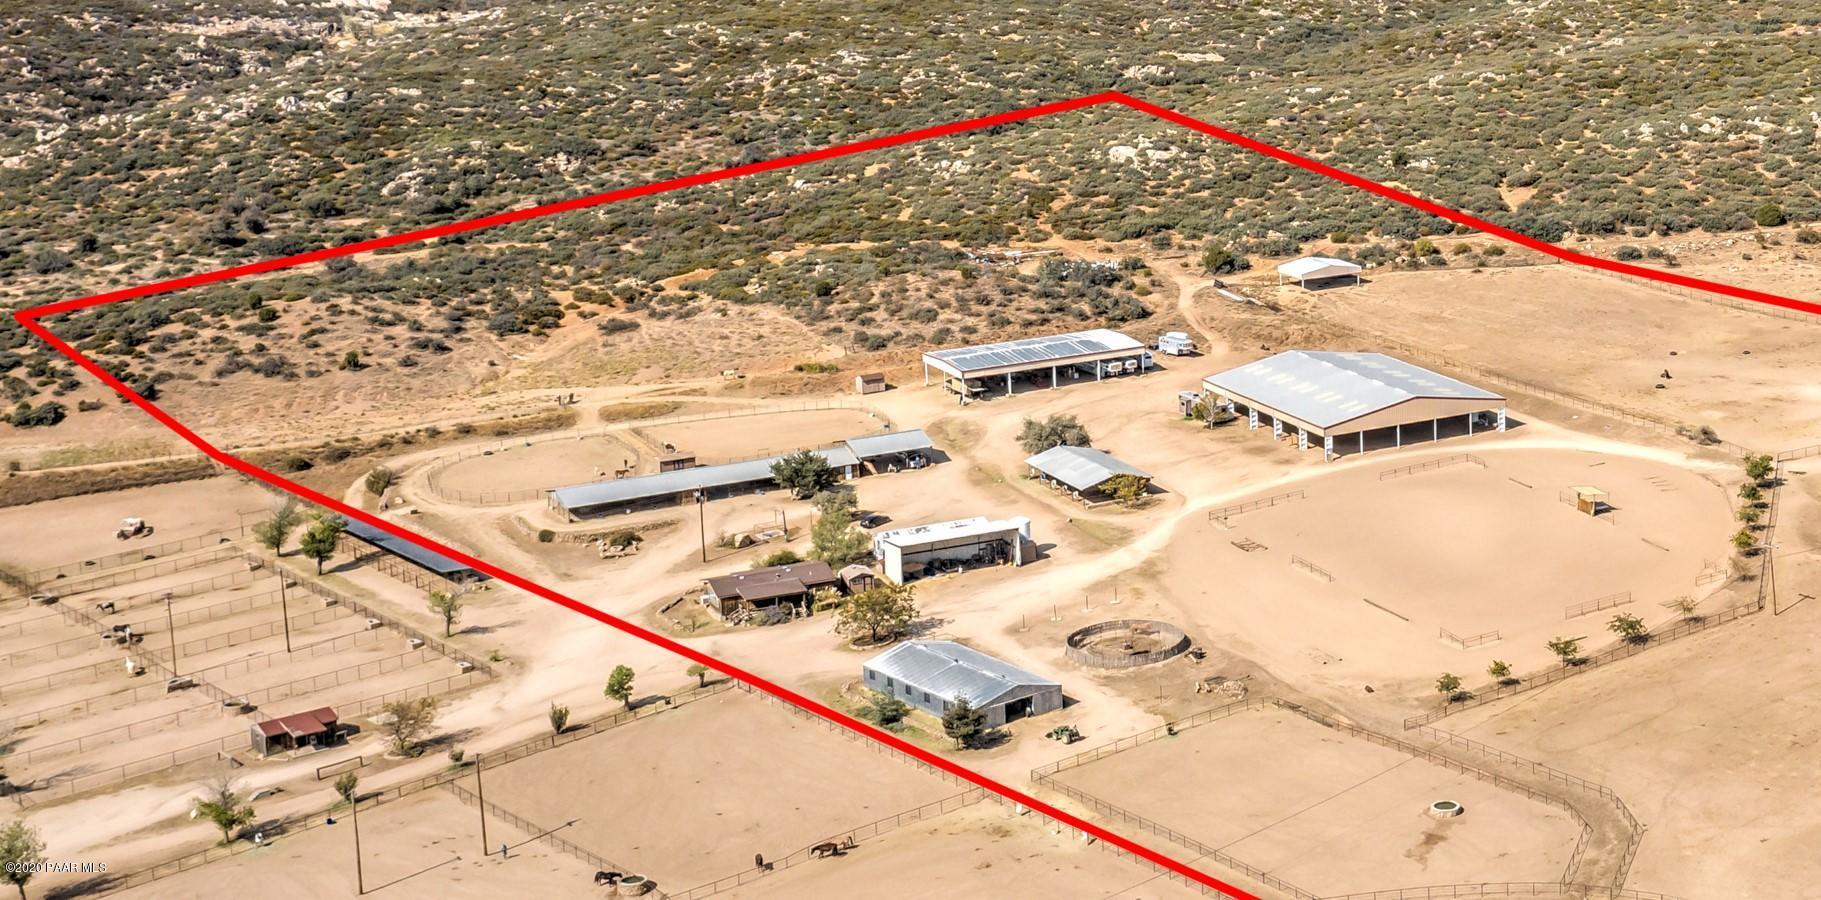 Photo of 640 Orme, Dewey-Humboldt, AZ 86327